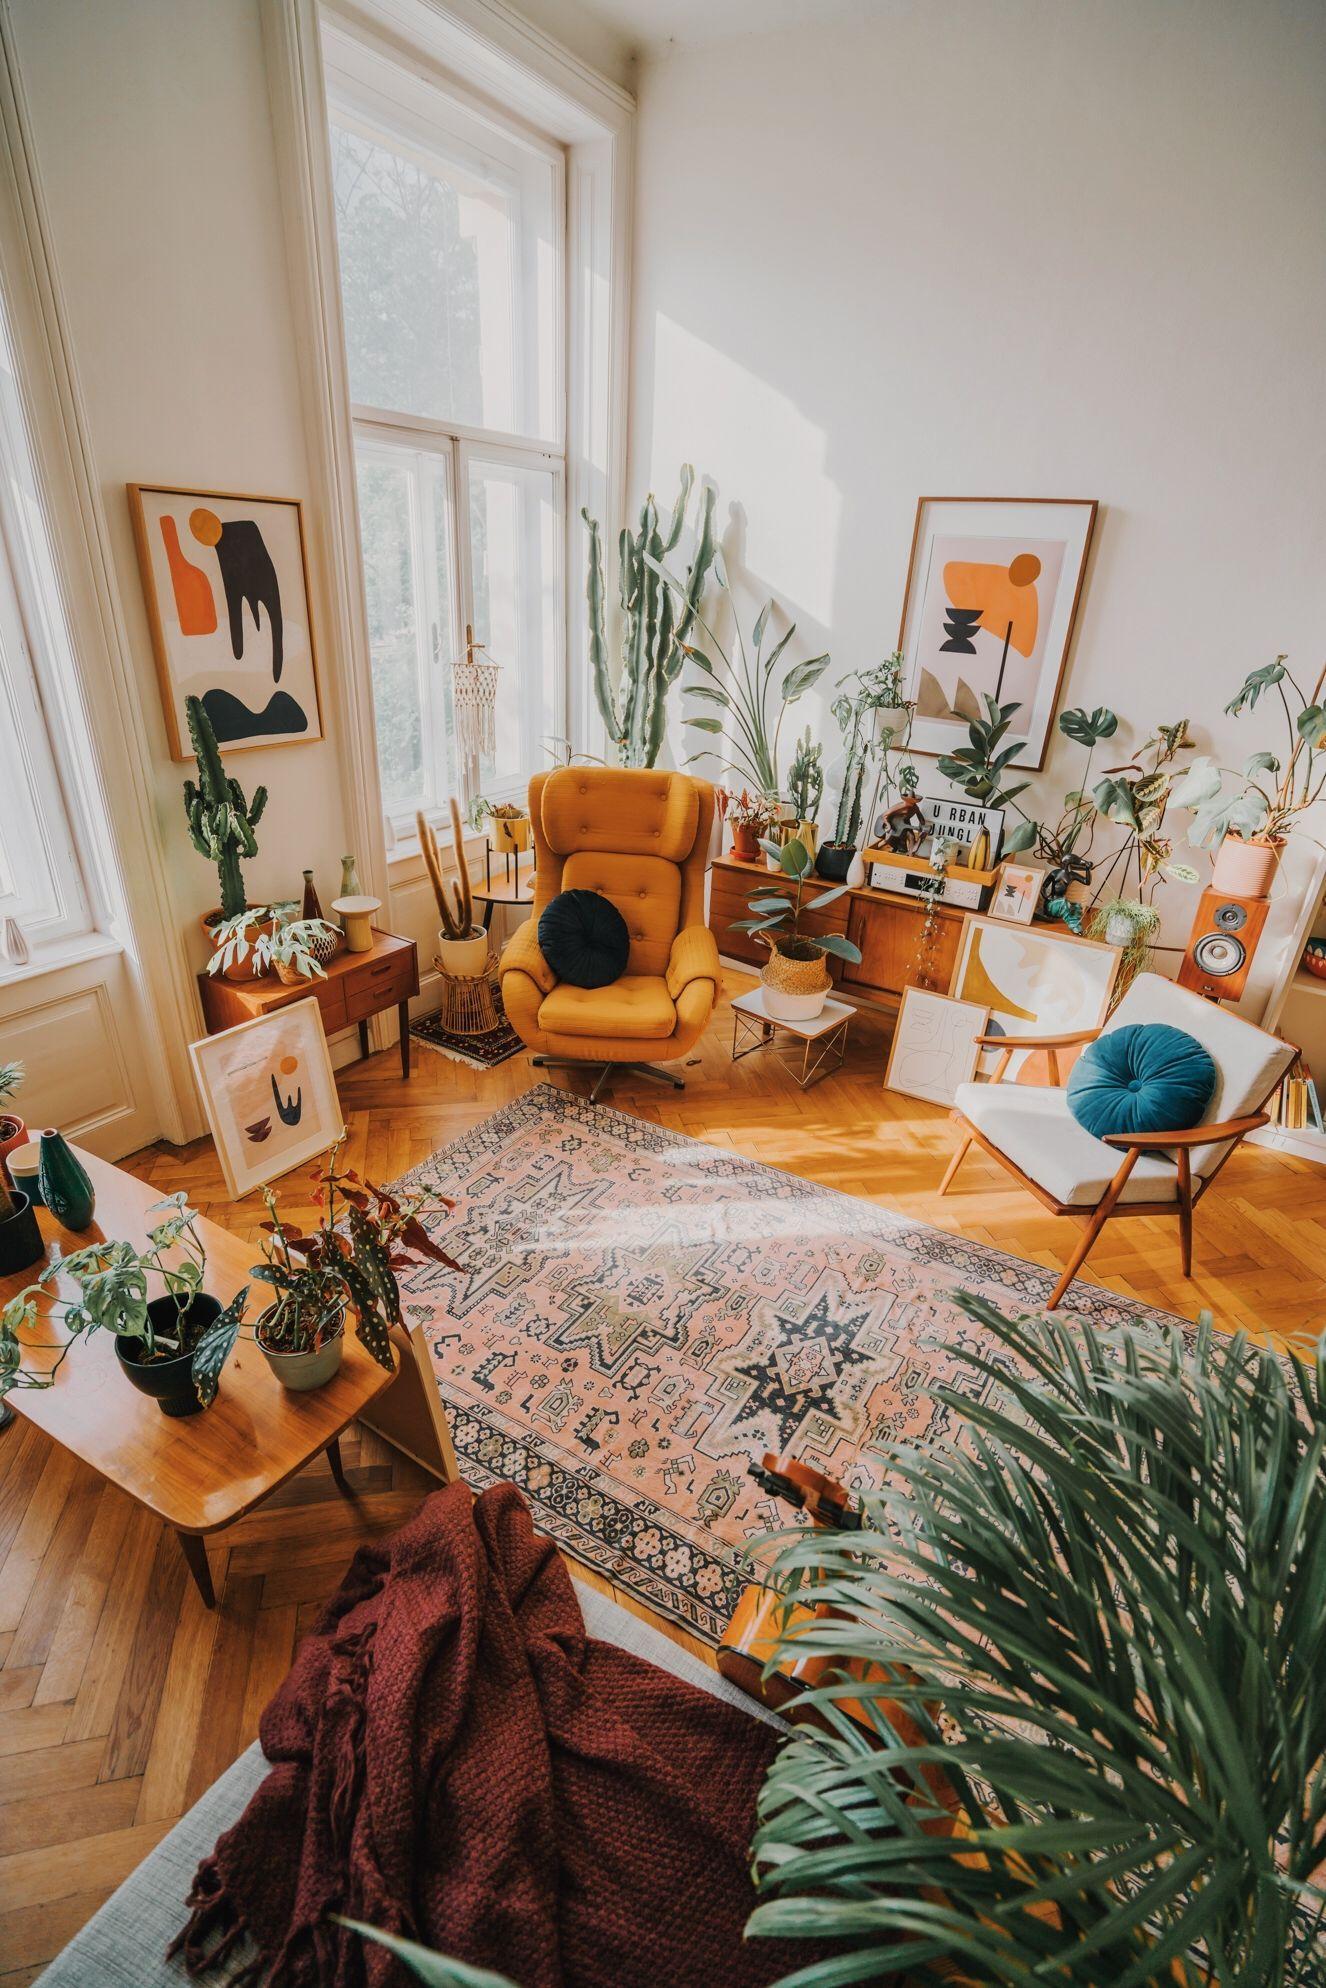 Bohemian stijl woonkamer vol mooie vintage meubels en accessoires.